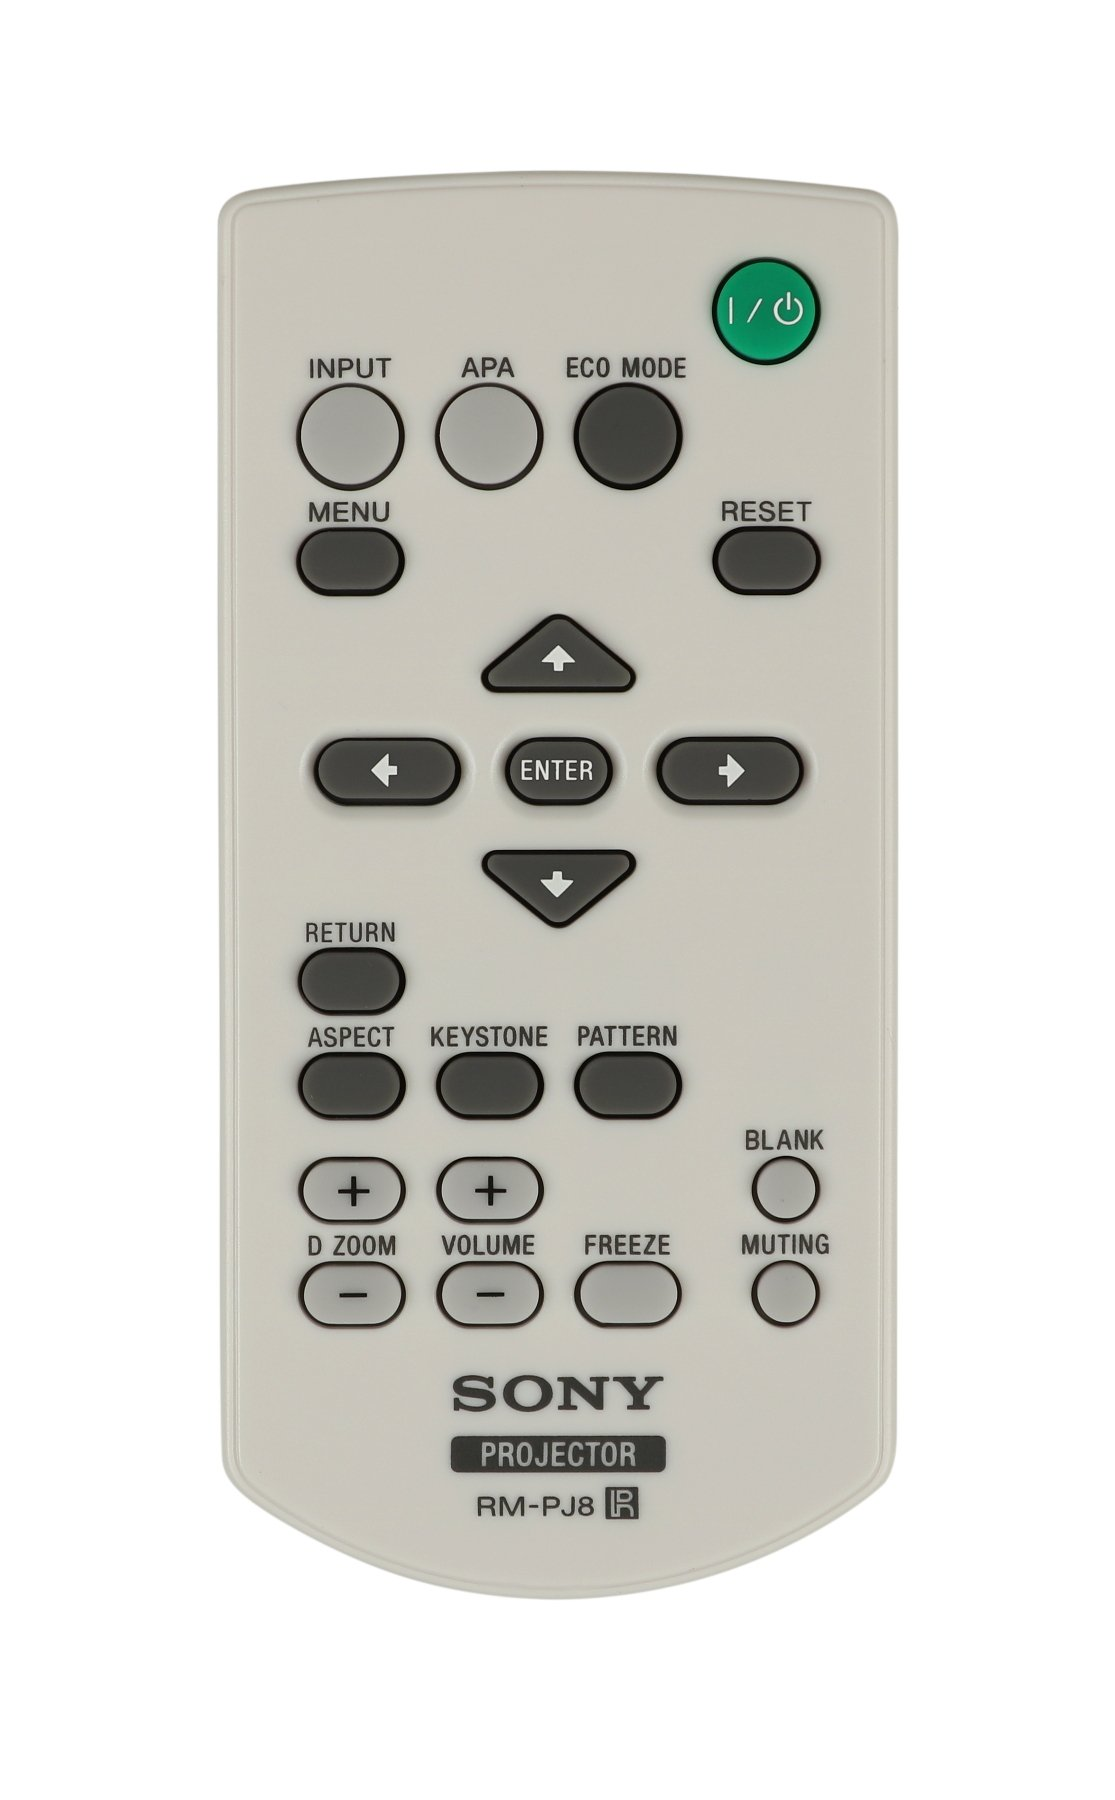 VPLEW245 Remote